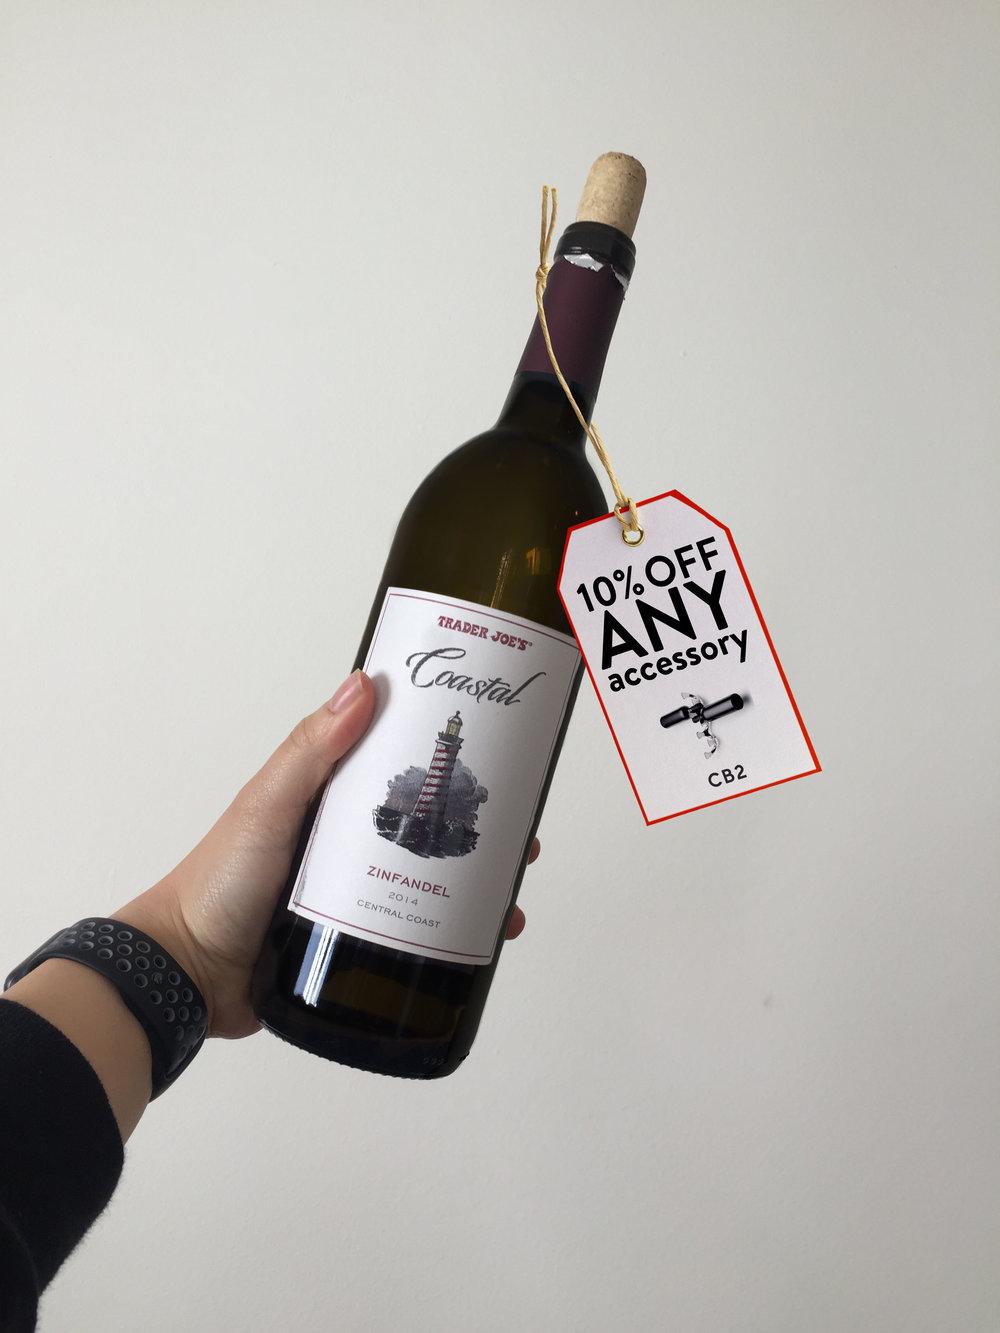 cb2_wine_back.jpg